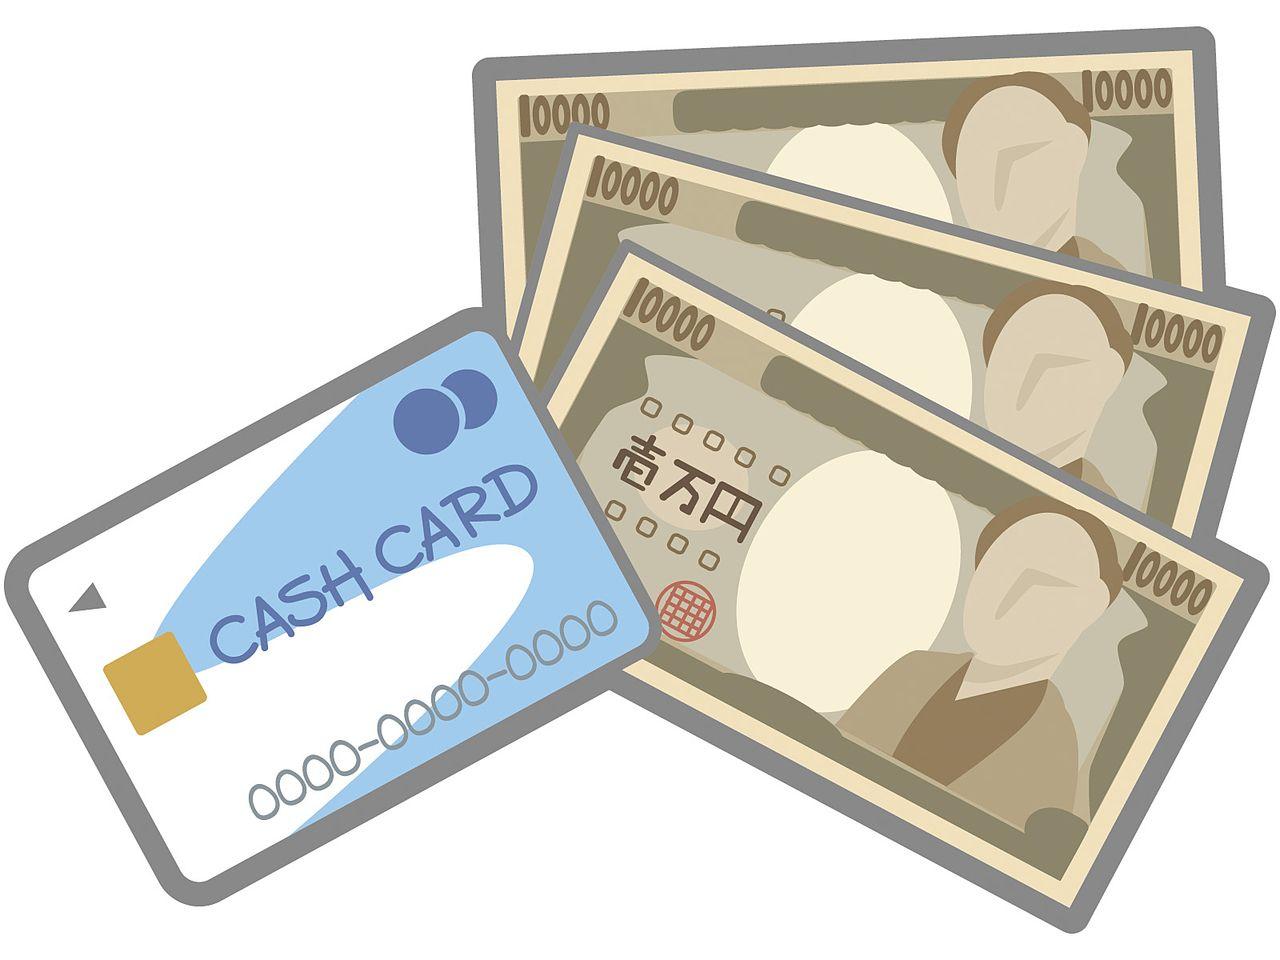 いわゆる「ブラックリスト」は入居審査や賃貸借契約に影響する?